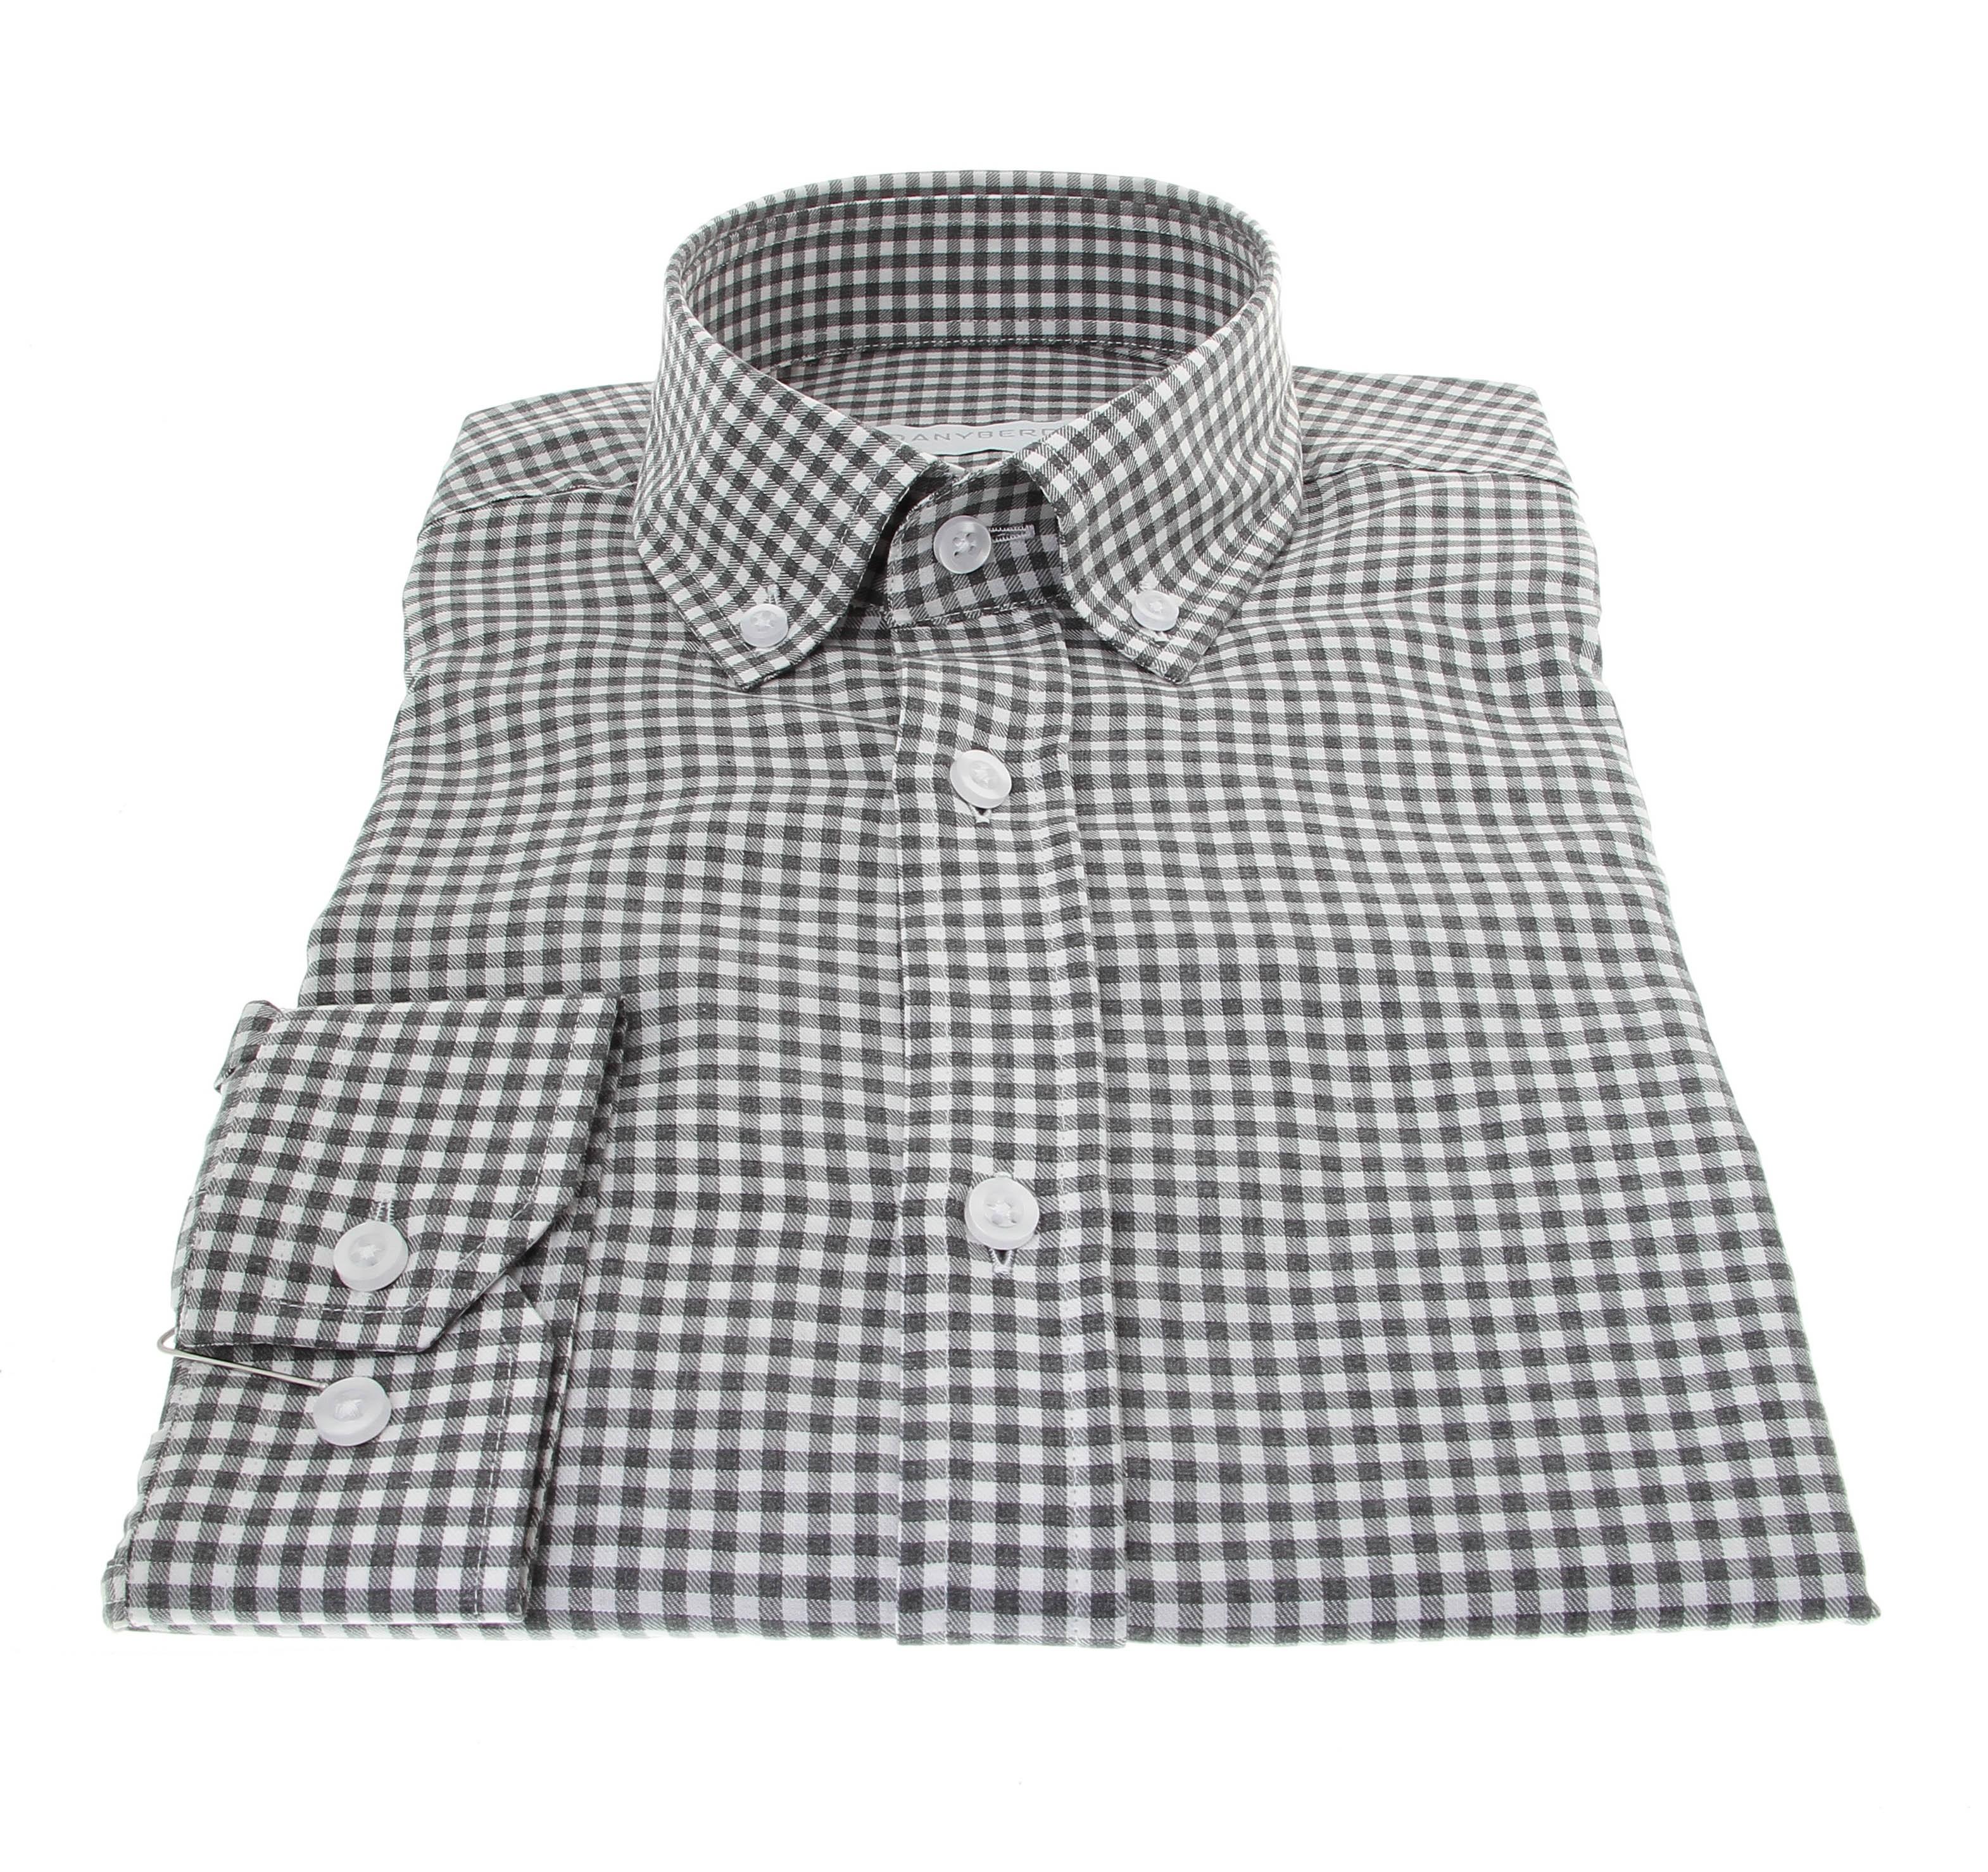 Chemise Winter Vermont : Vichy gris et blanc  - Col boutonné - 100% Coton